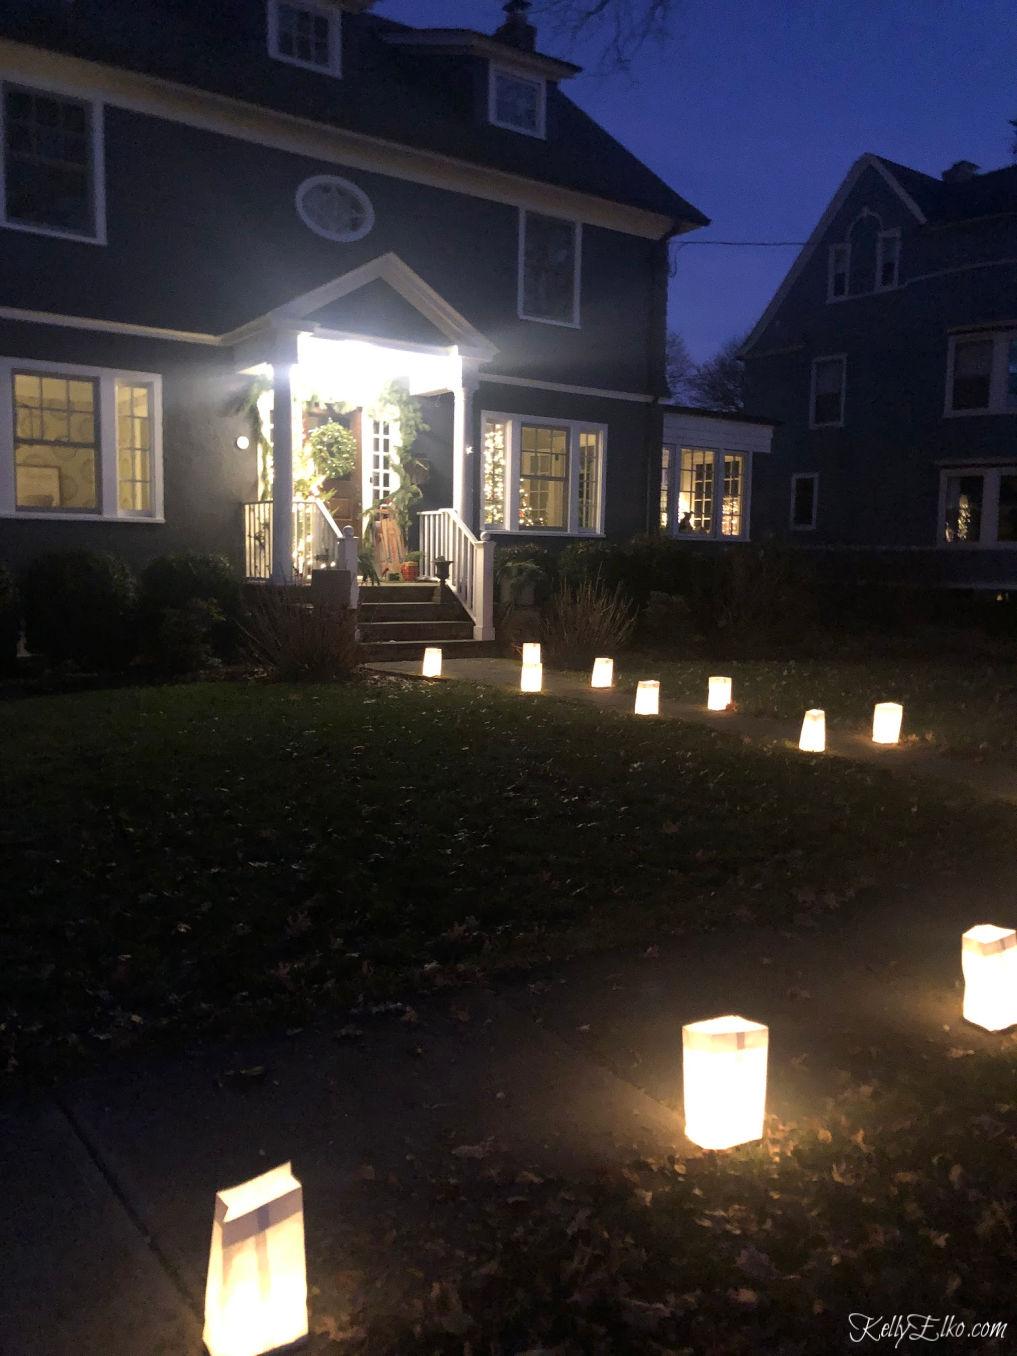 Christmas luminaries kellyelko.com #christmaslights #luminaries #kellyelko